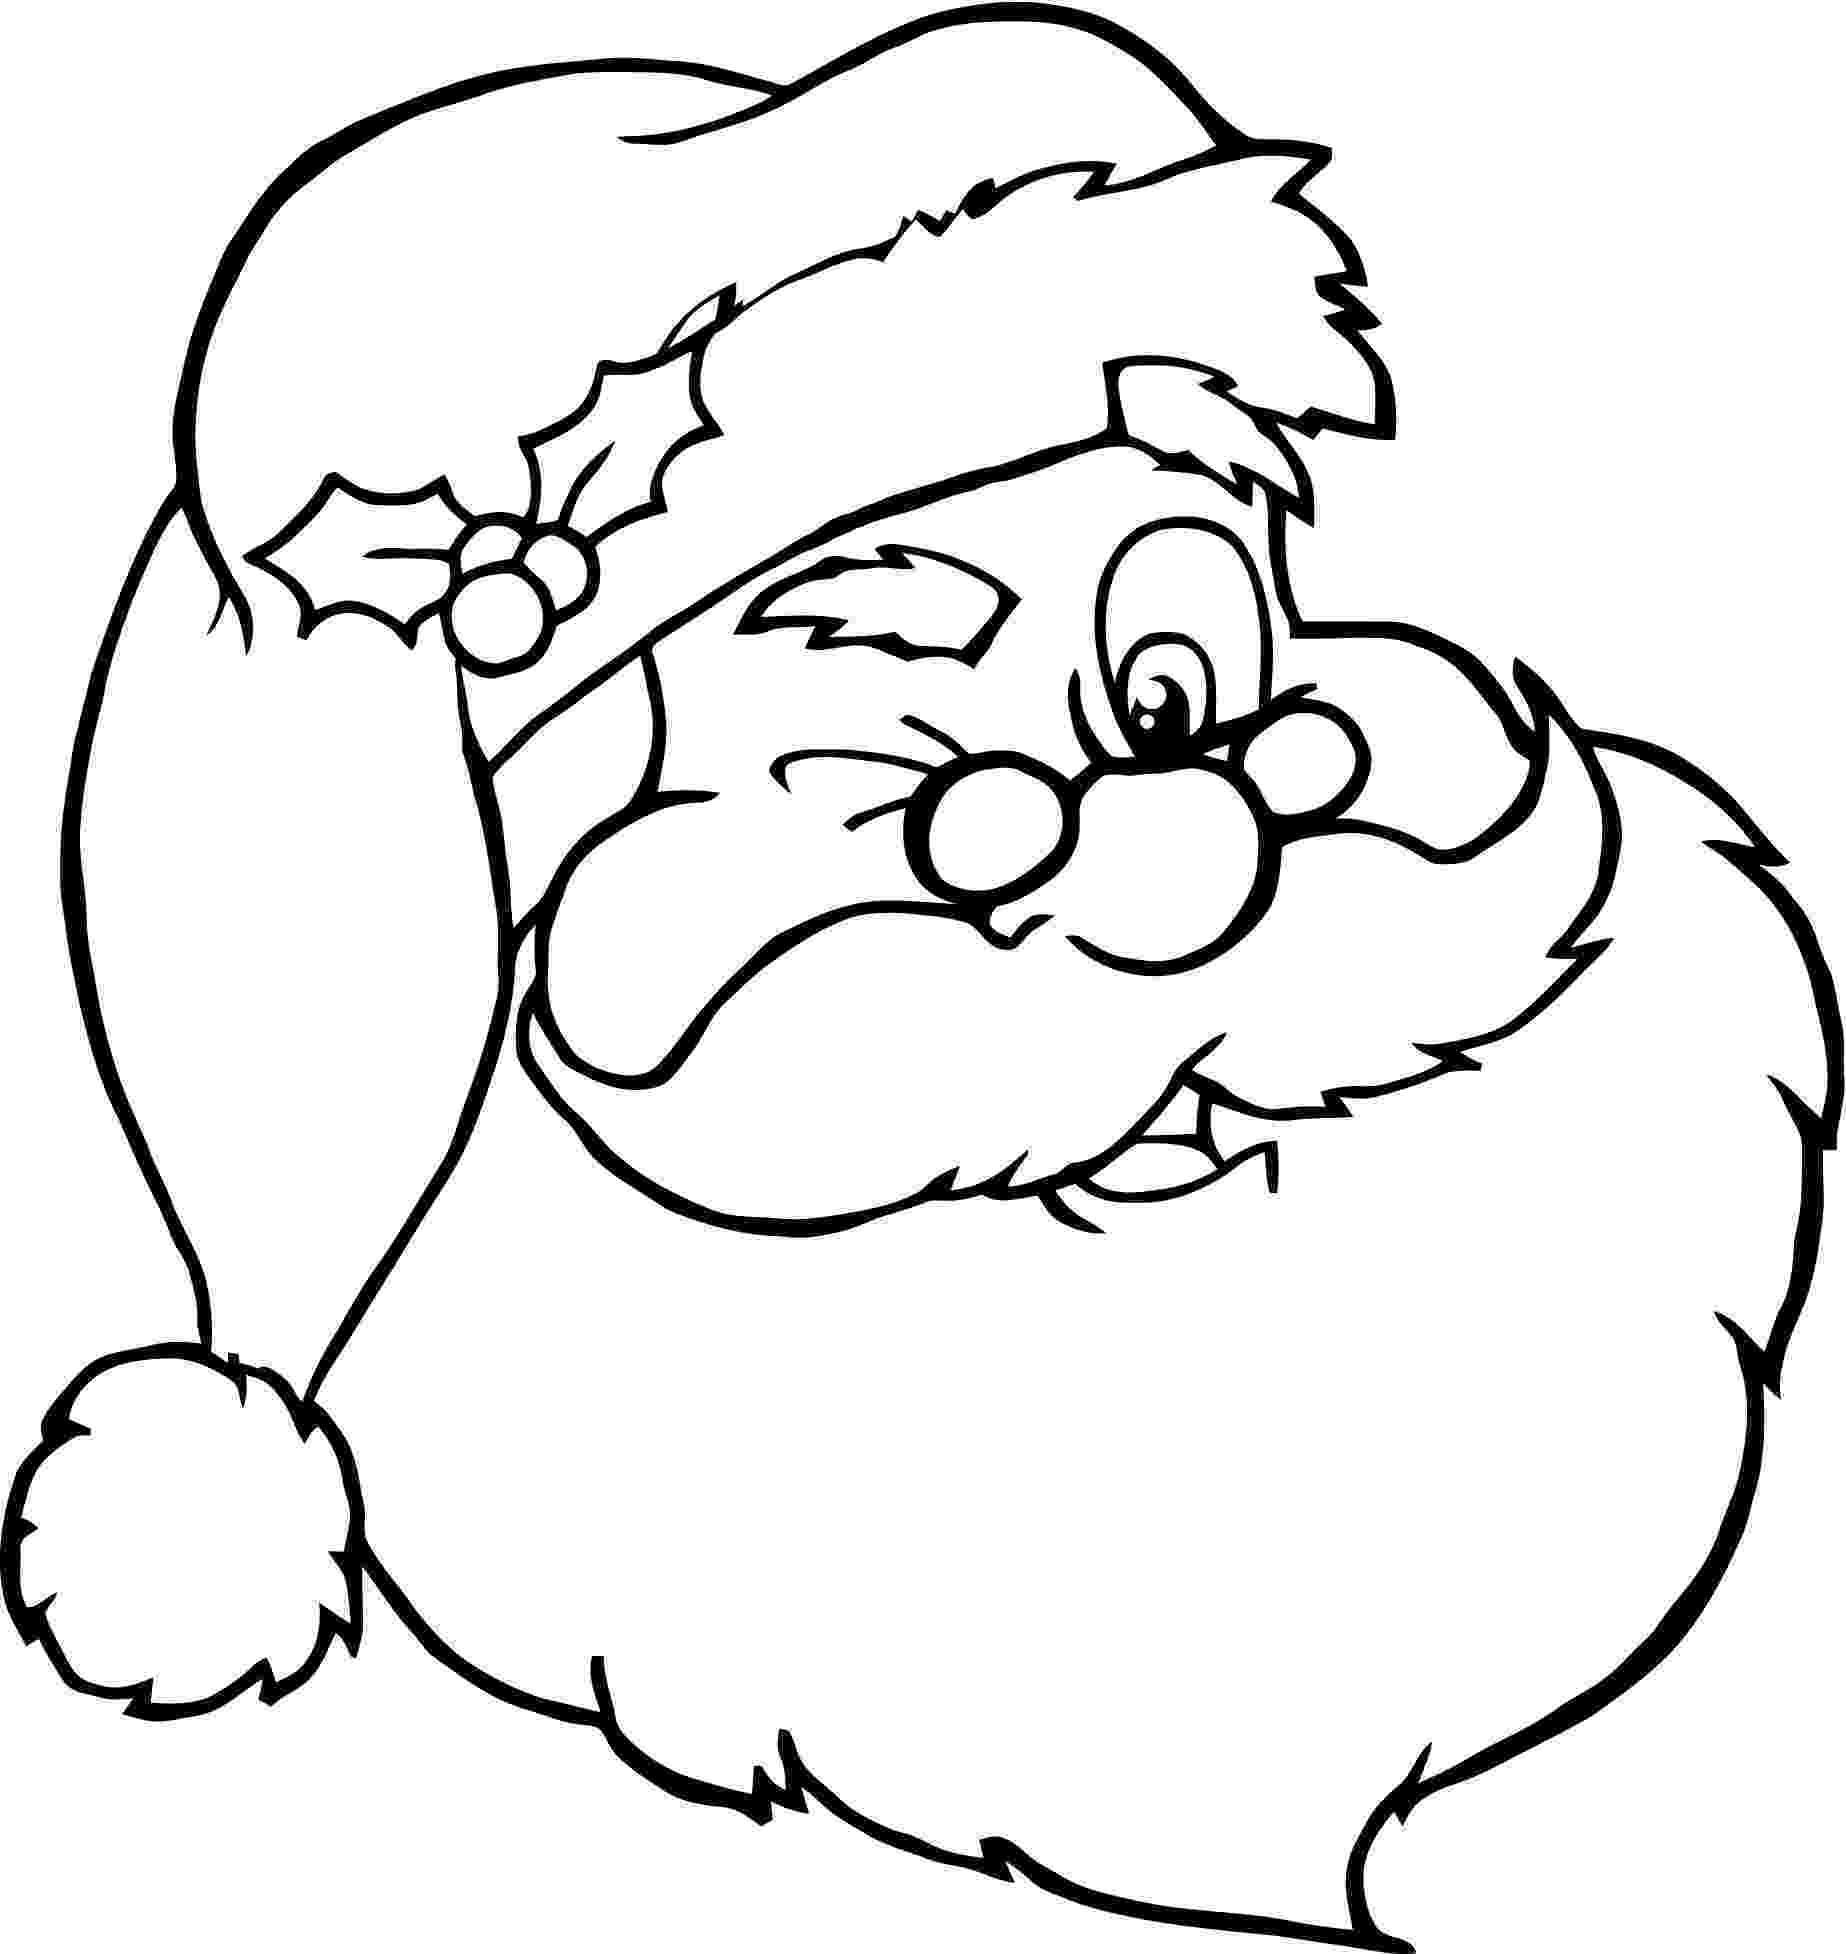 santa claus color santa claus head coloring pages gtgt disney coloring pages claus santa color